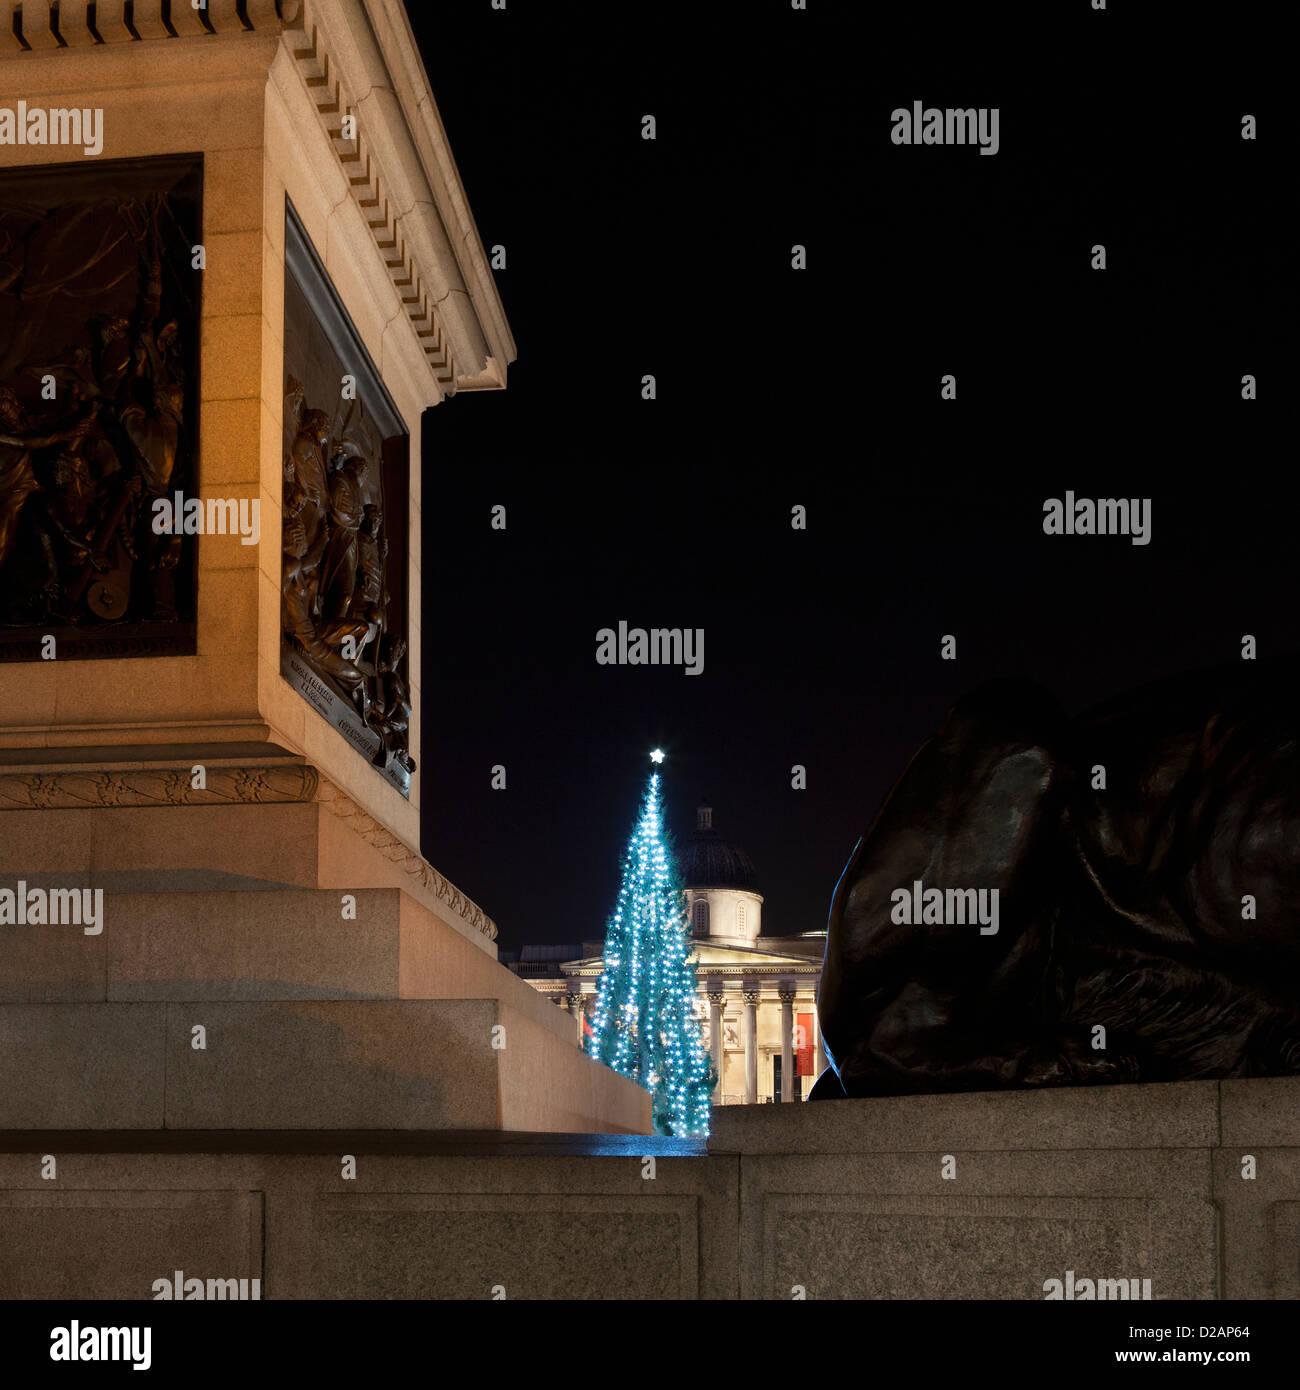 Árbol de Navidad iluminado en la plaza de la ciudad Imagen De Stock